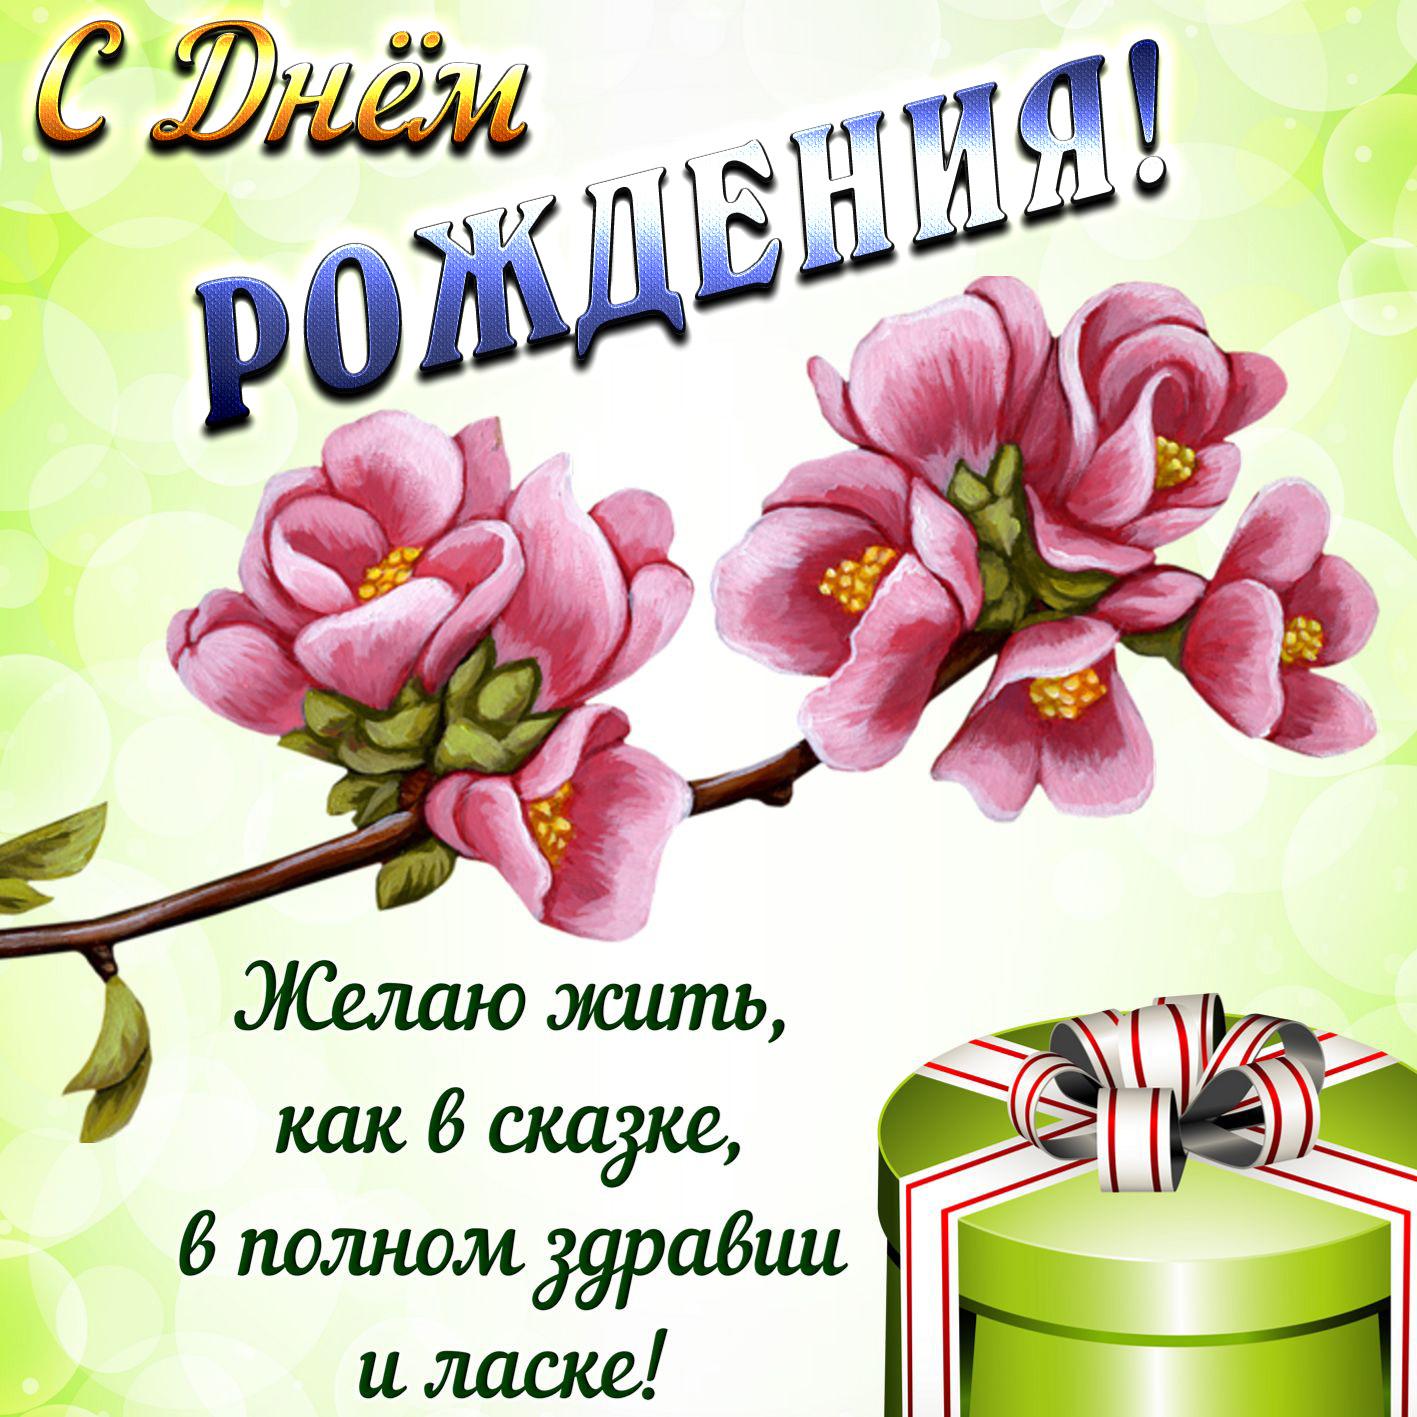 Открытка на День рождения - подарок и пожелание женщине